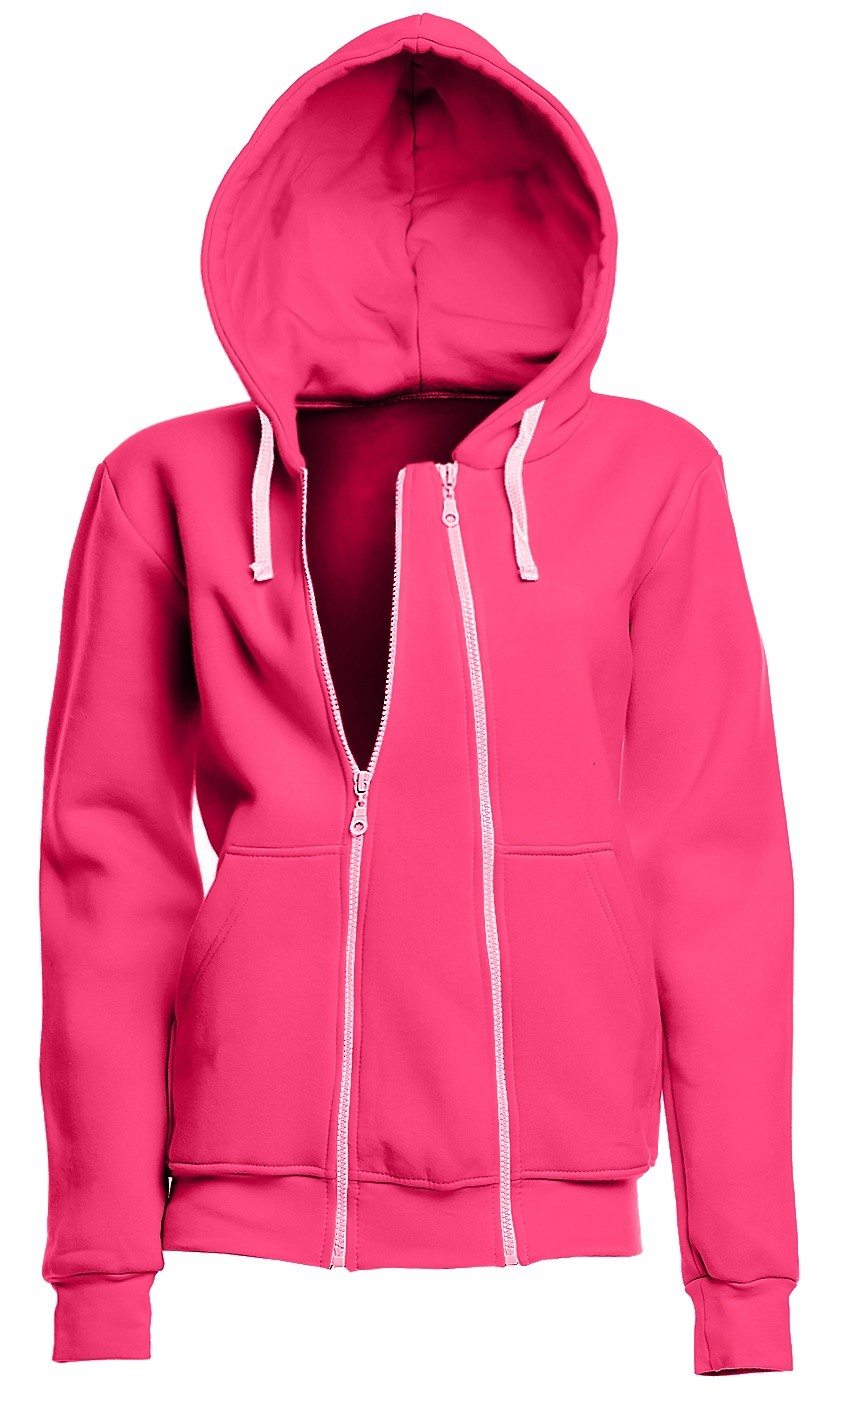 Womens zip front hoodies